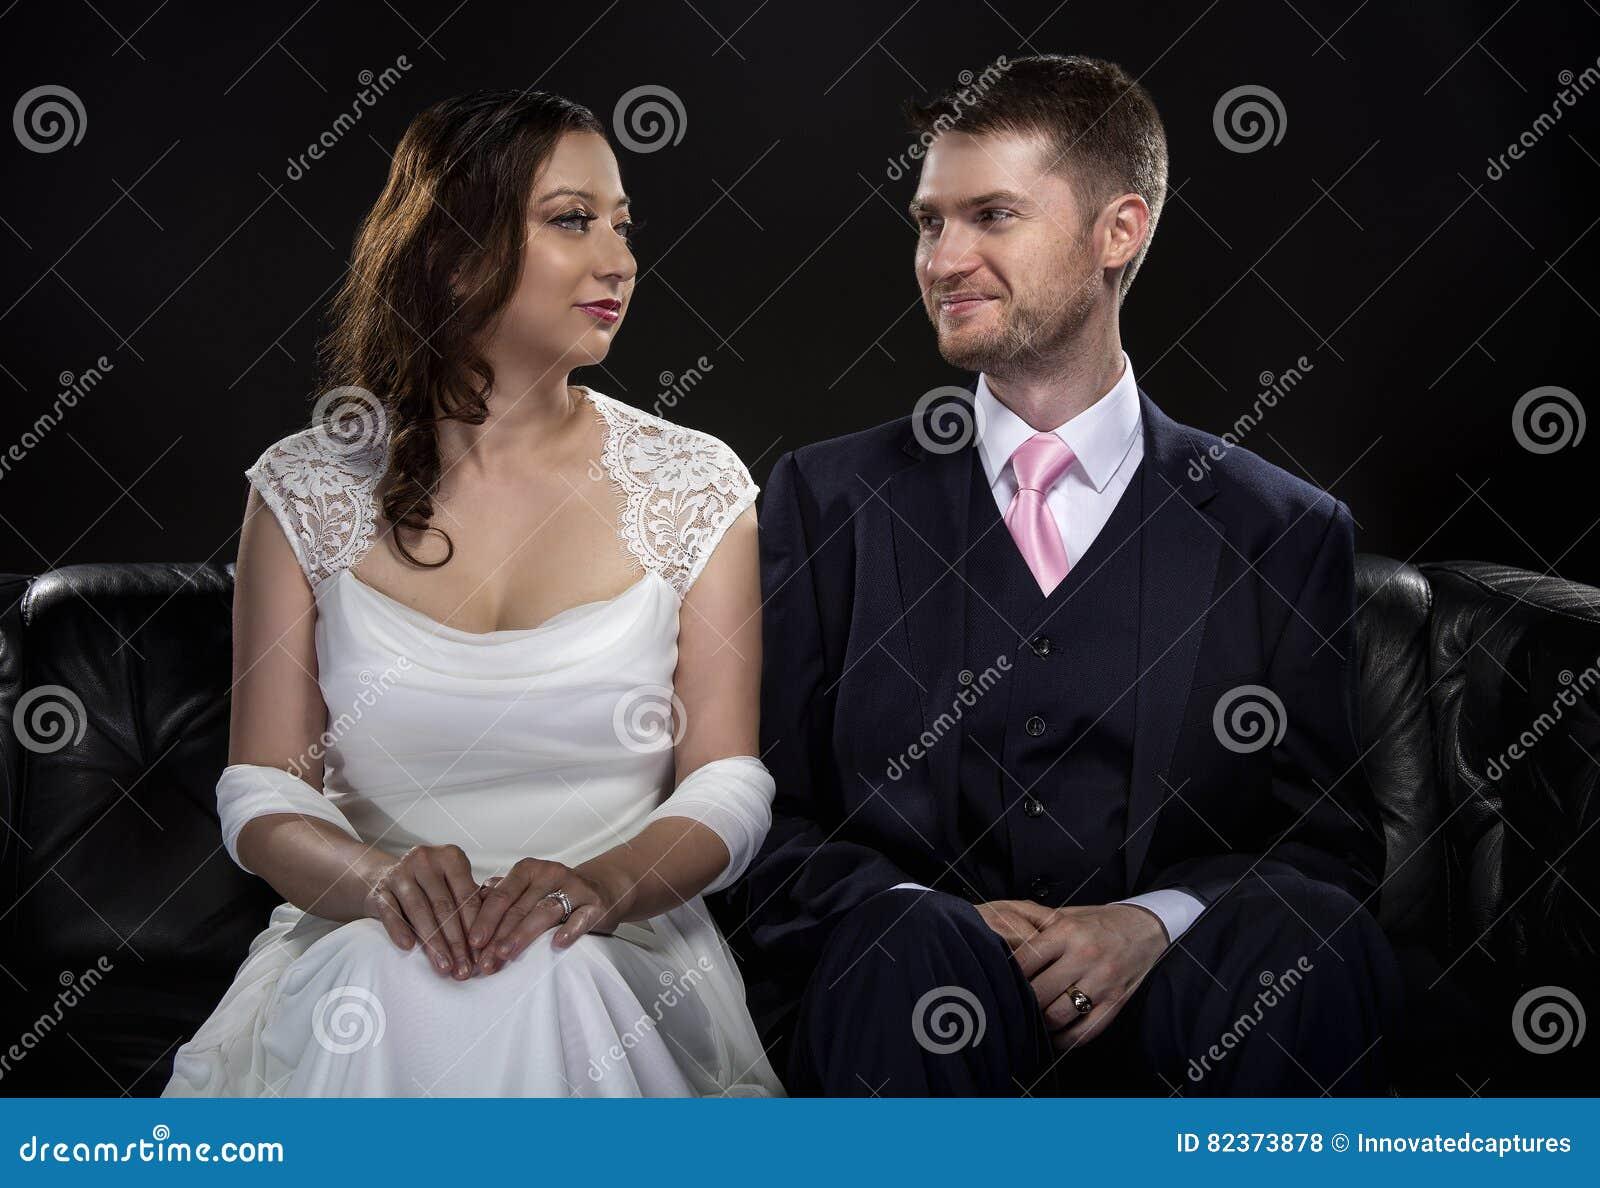 Engagierte Paare, die Art Deco Style Wedding Suit und Kleid modellieren